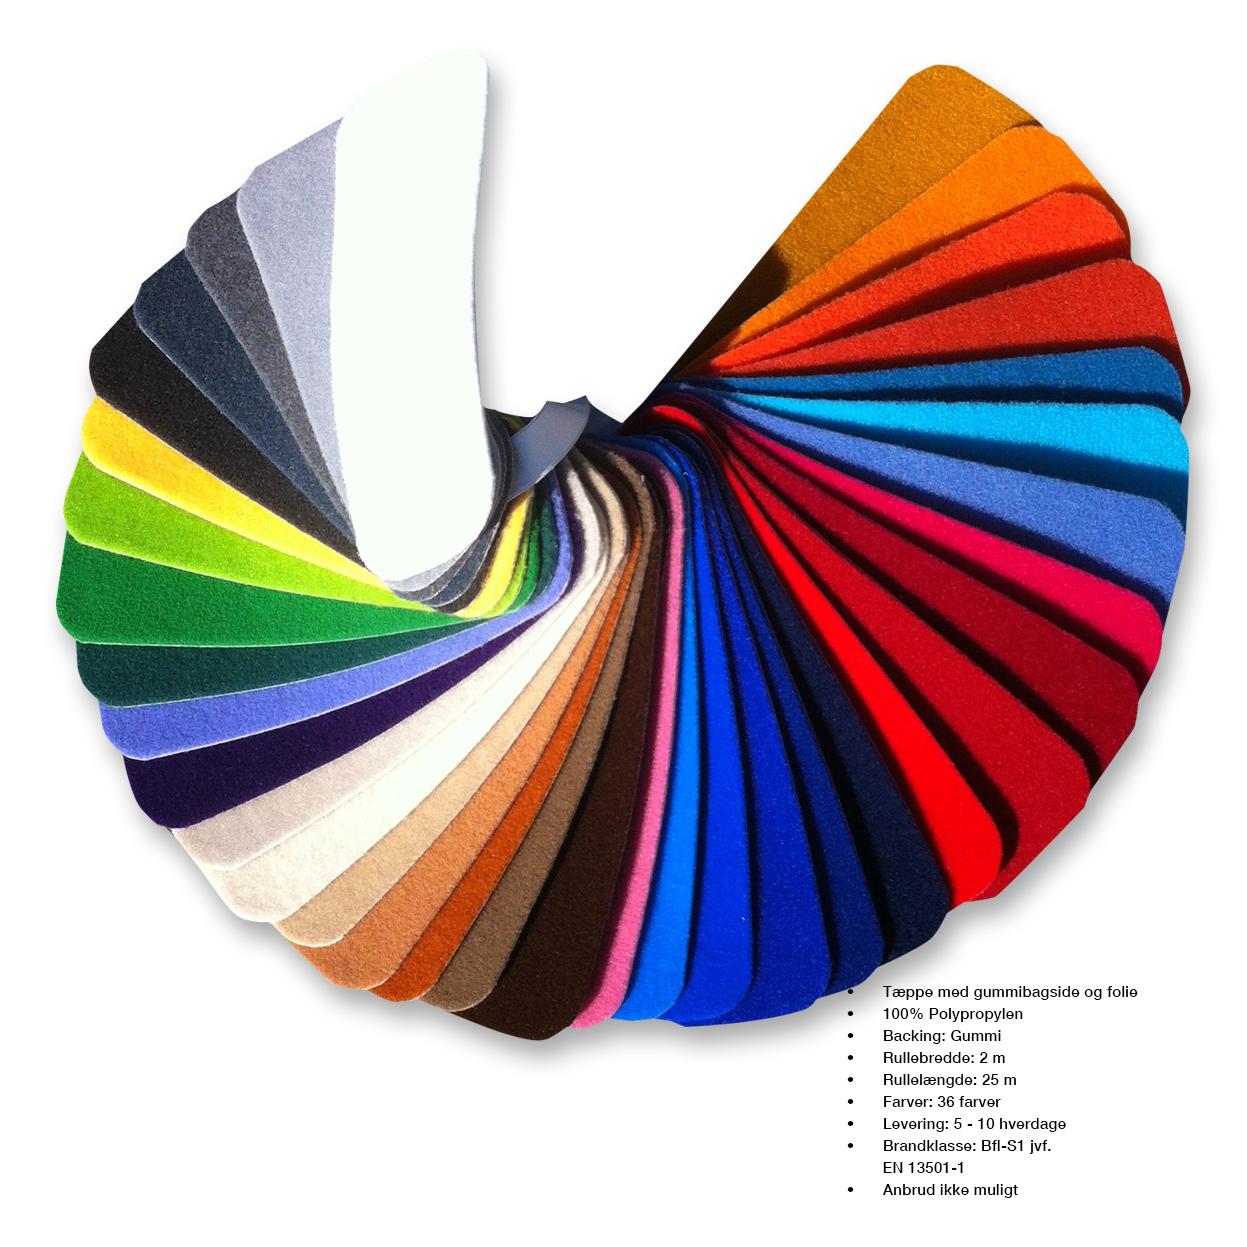 Bolo Gum findes i 36 farver med gummibagside og beskyttelsesfolie. Ring så sender vi en prøve.